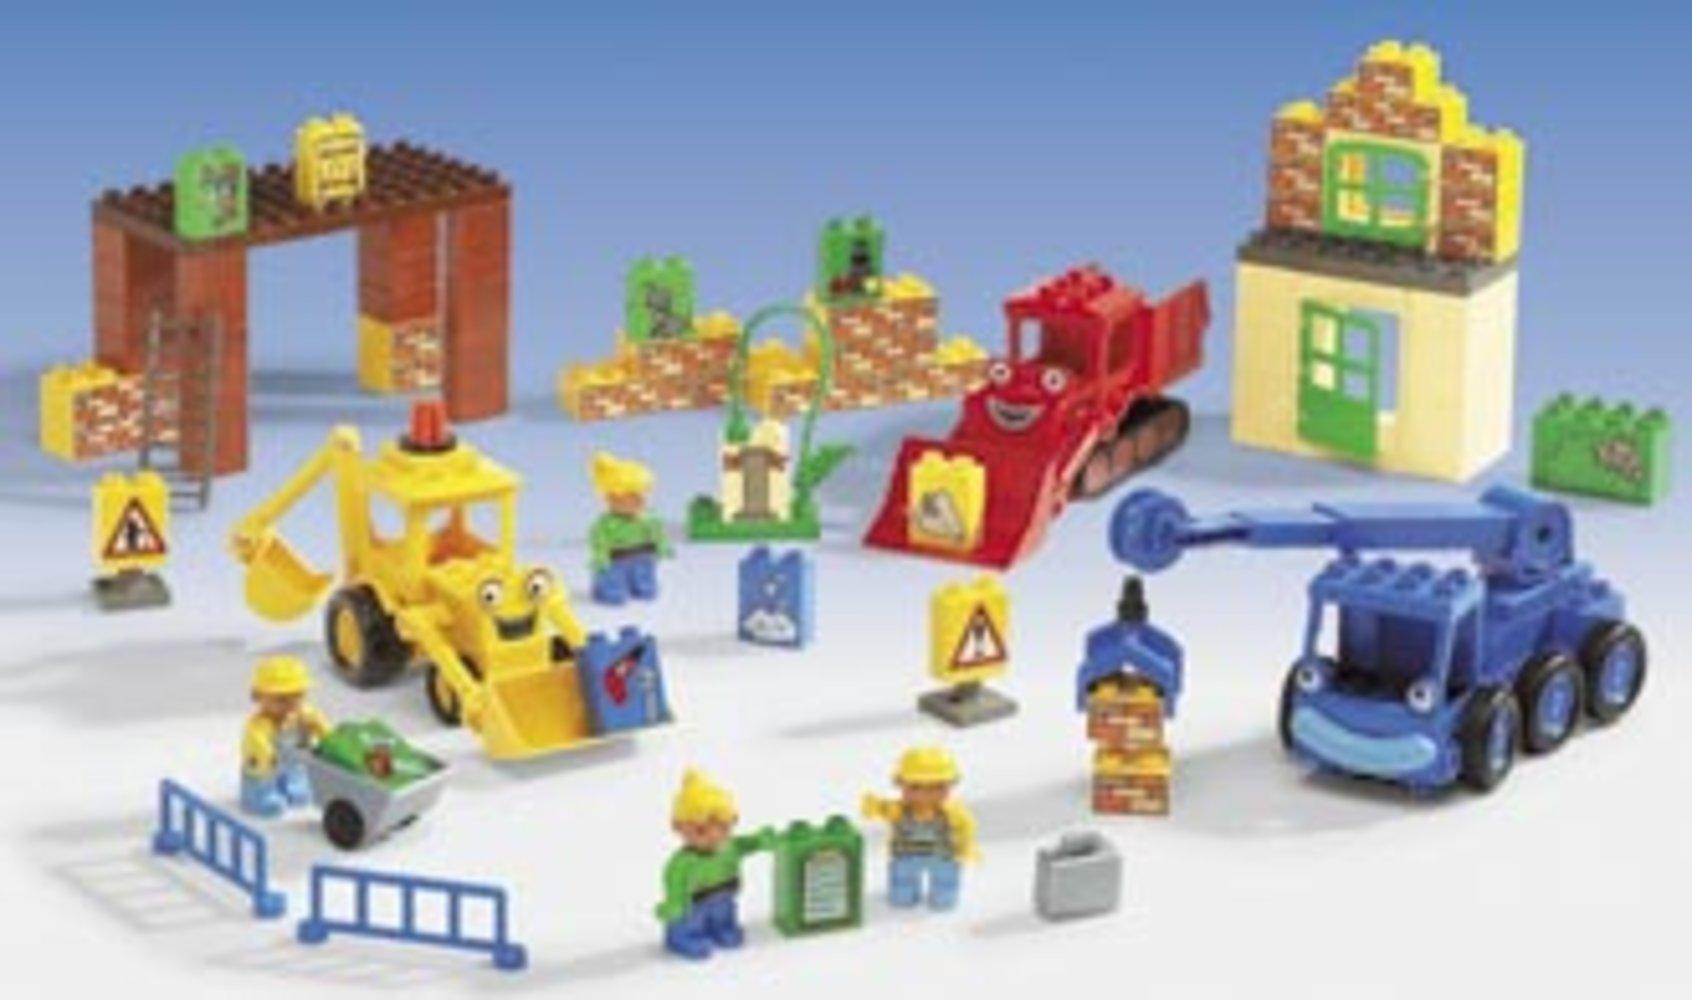 Bob the Builder Set